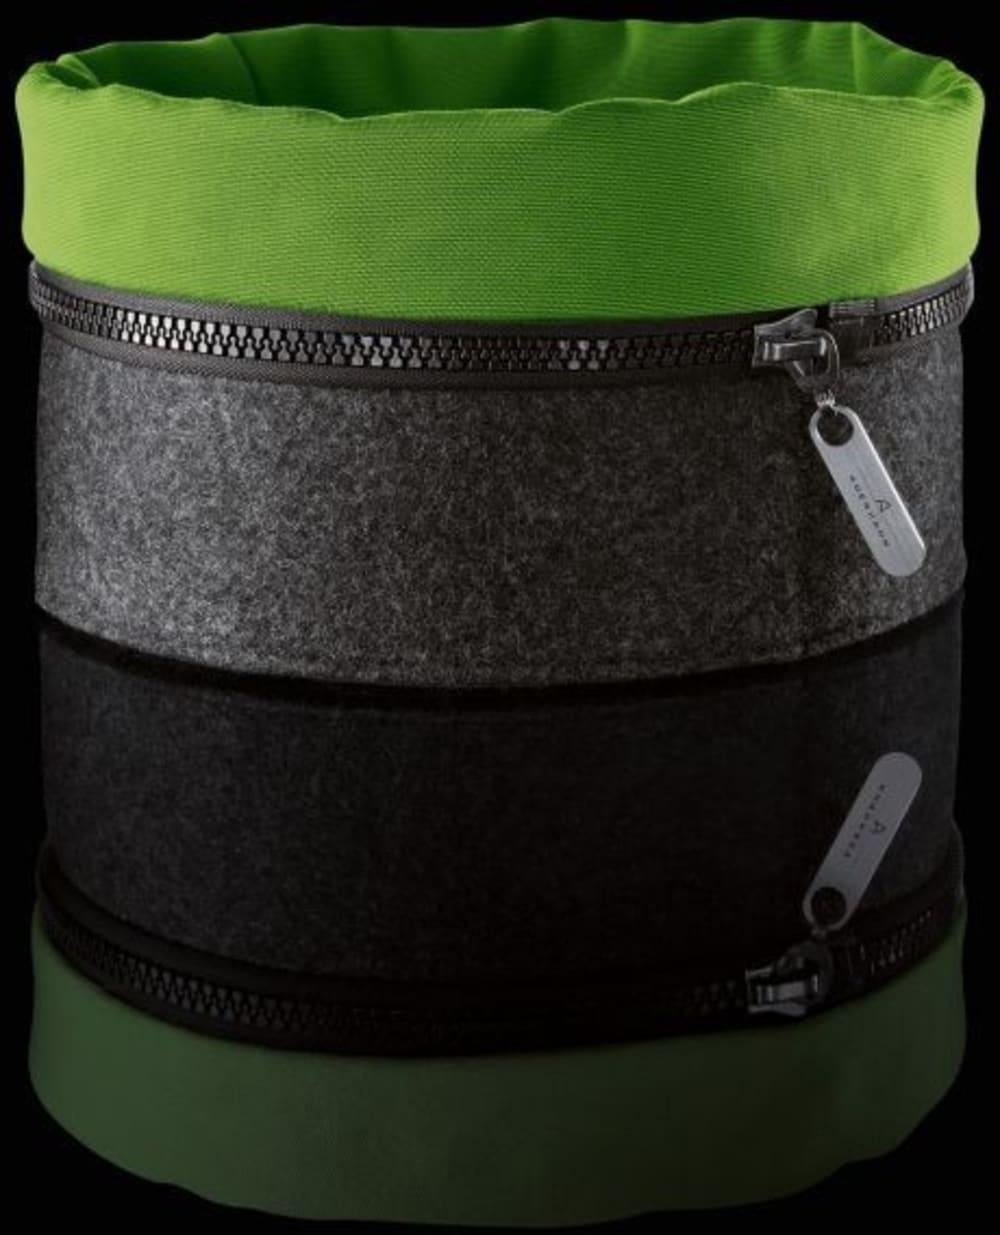 Auerhahn - Filcowy koszyk ZIPP, zielony, bez opak.